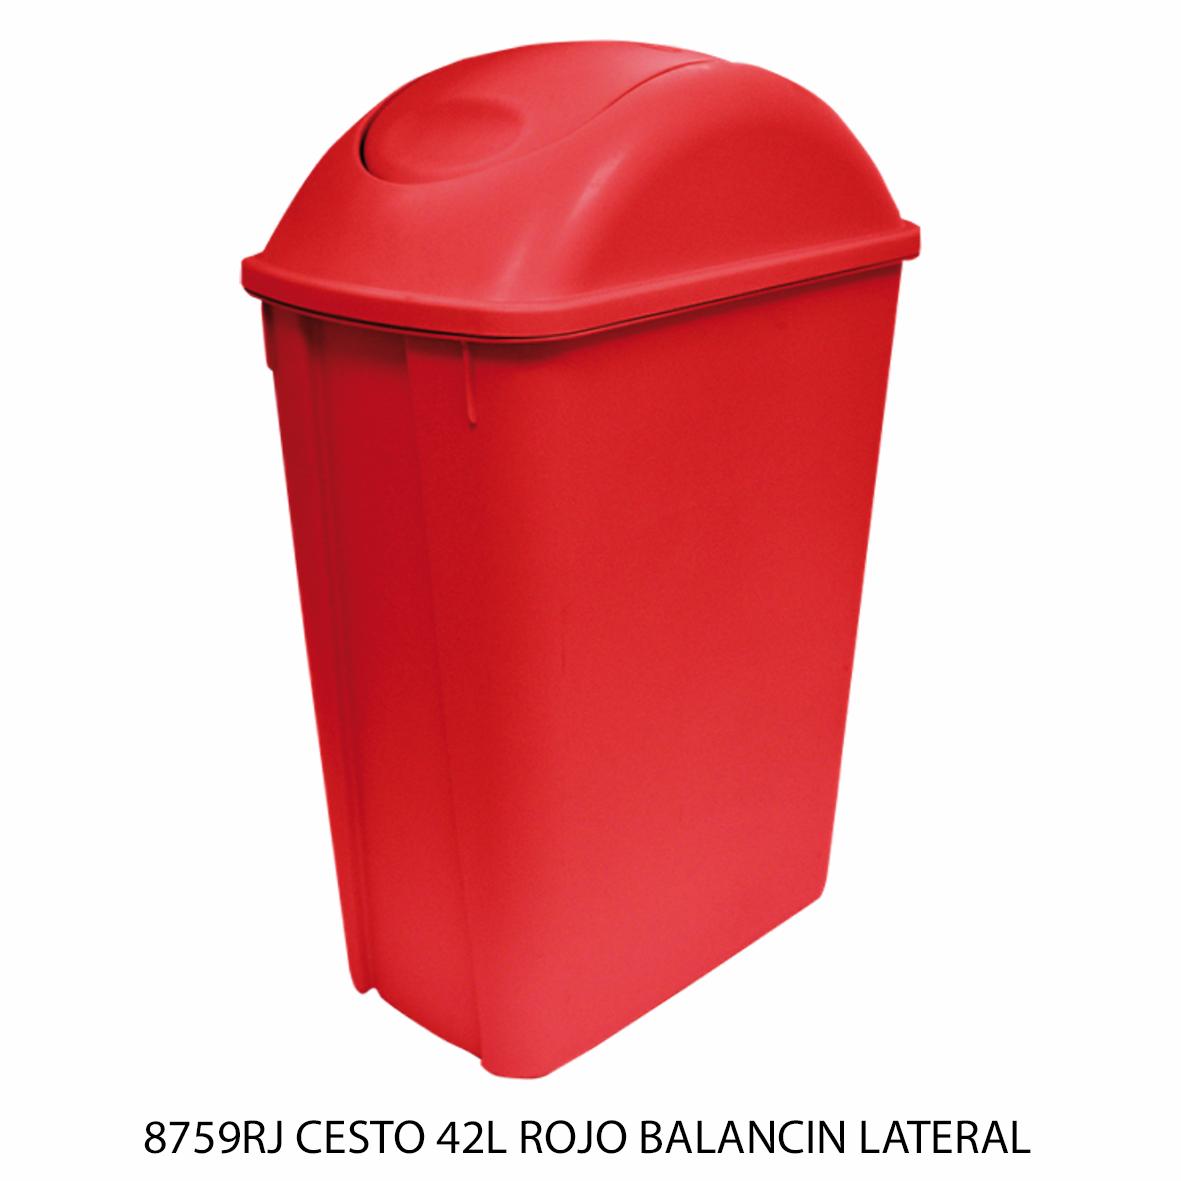 Bote de basura mediano de 42 litros con balancín lateral color rojo modelo 8759RJ de Sablón